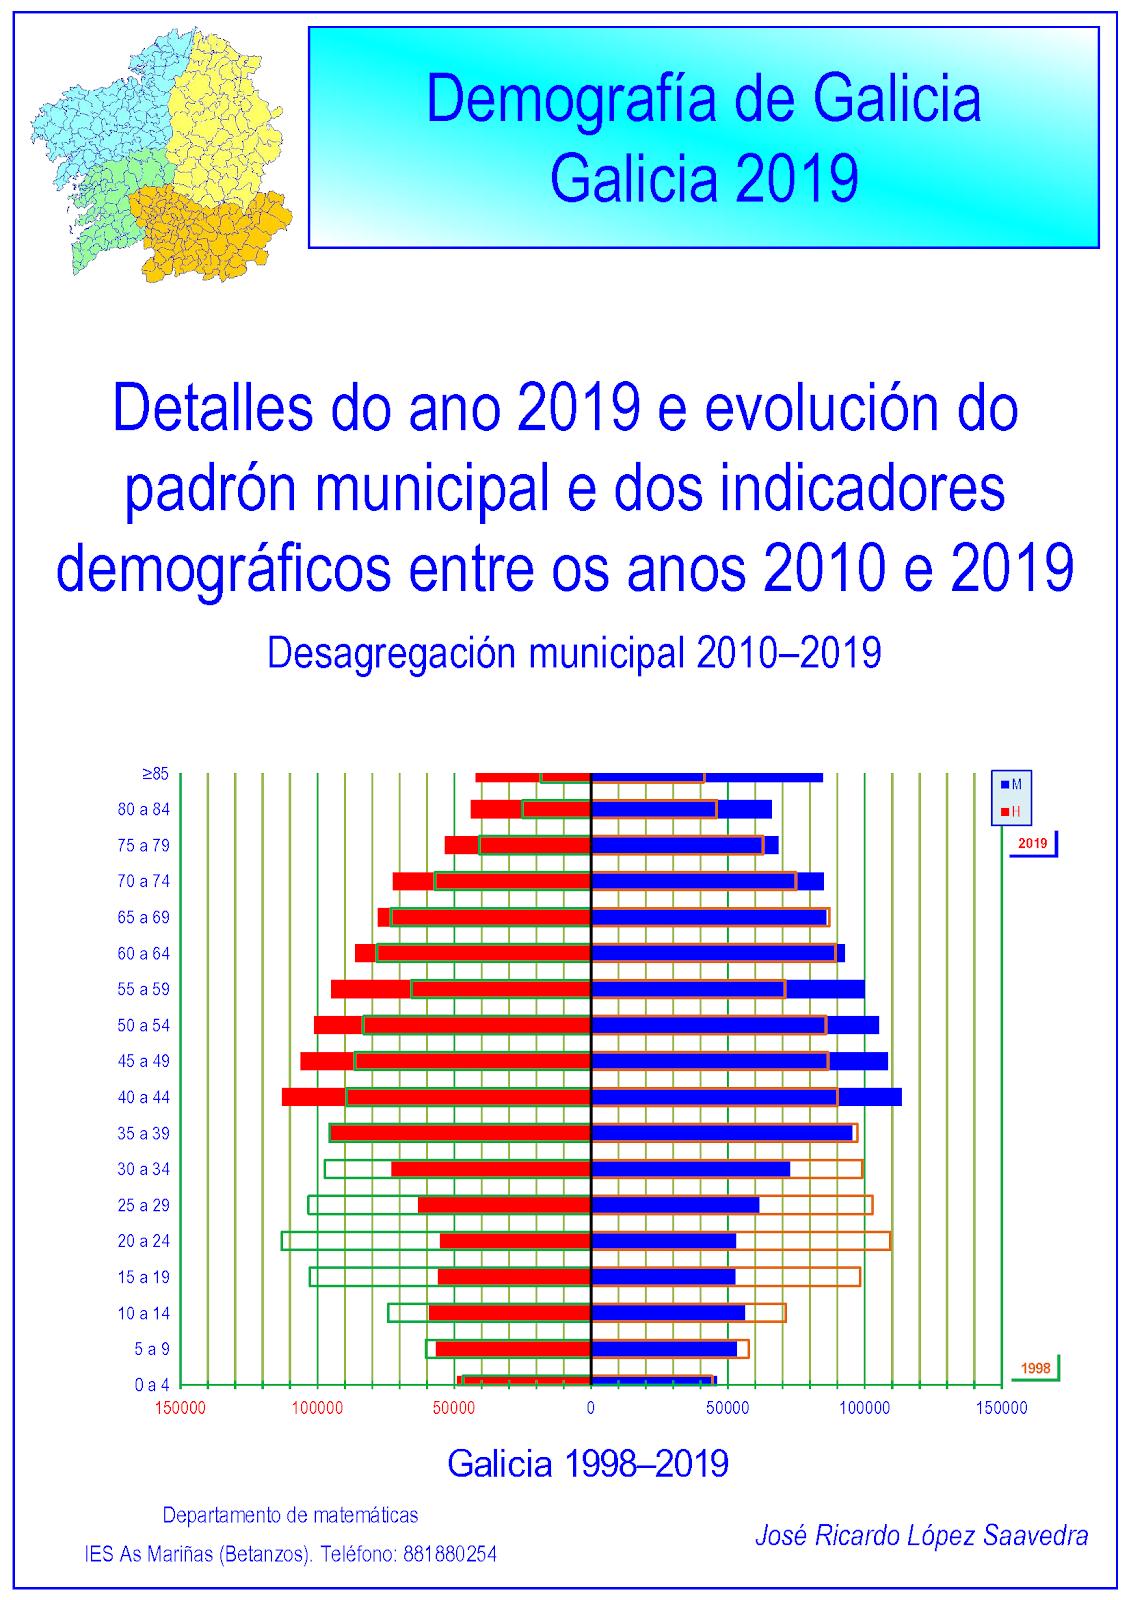 Galicia: demografía 2019